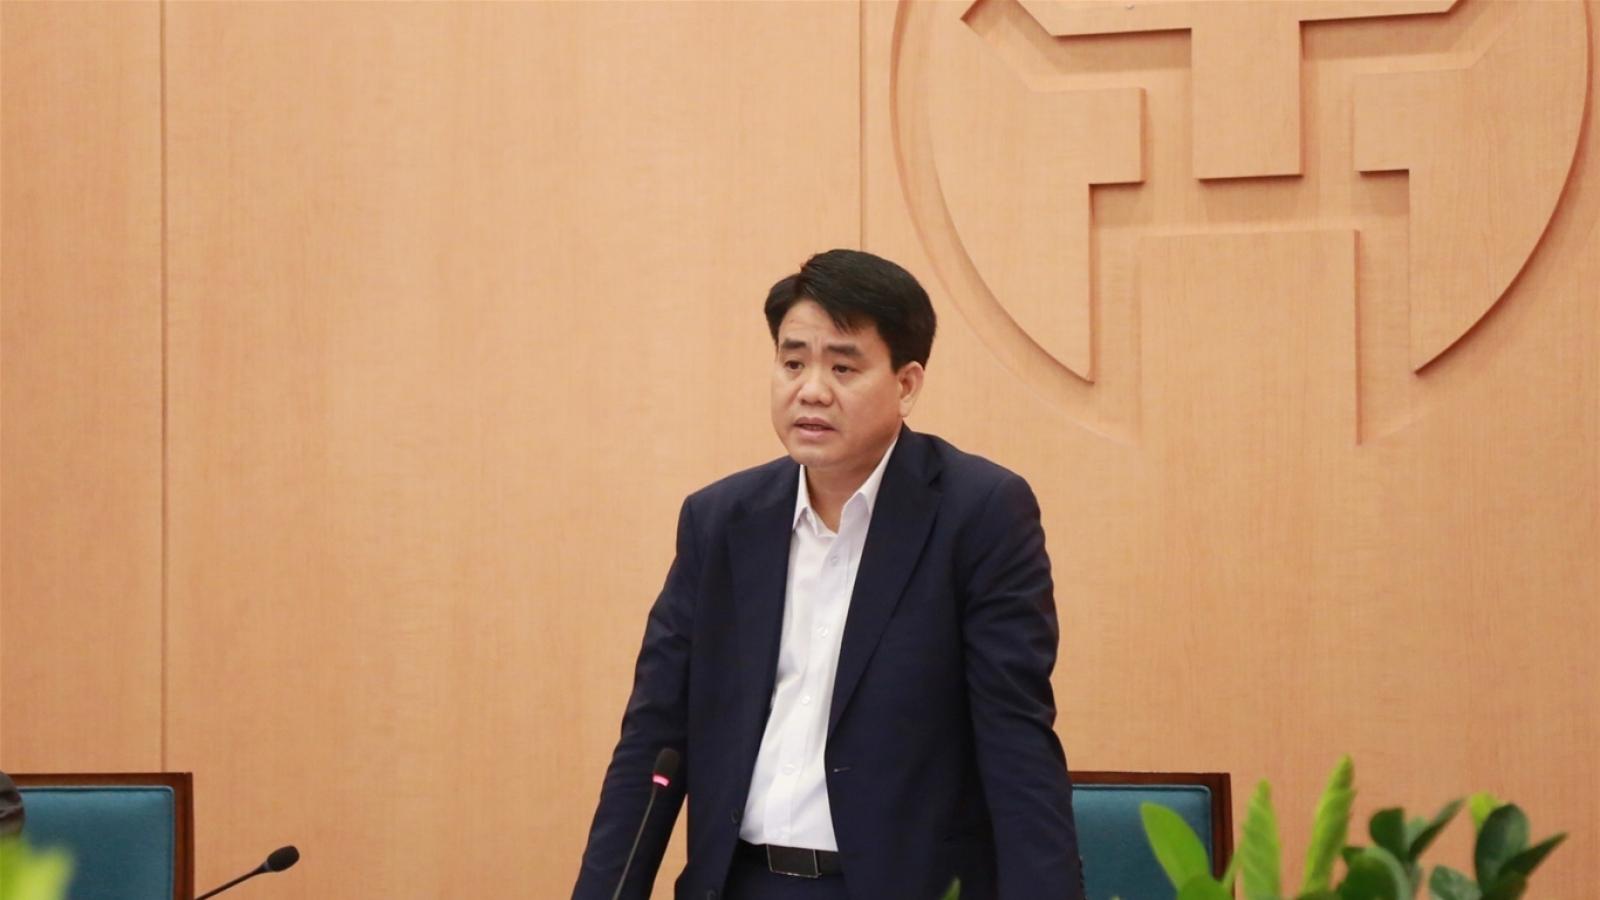 Cơ quan điều tra tiếp tục làm rõ trách nhiệm của ông Nguyễn Đức Chung trong các sai phạm